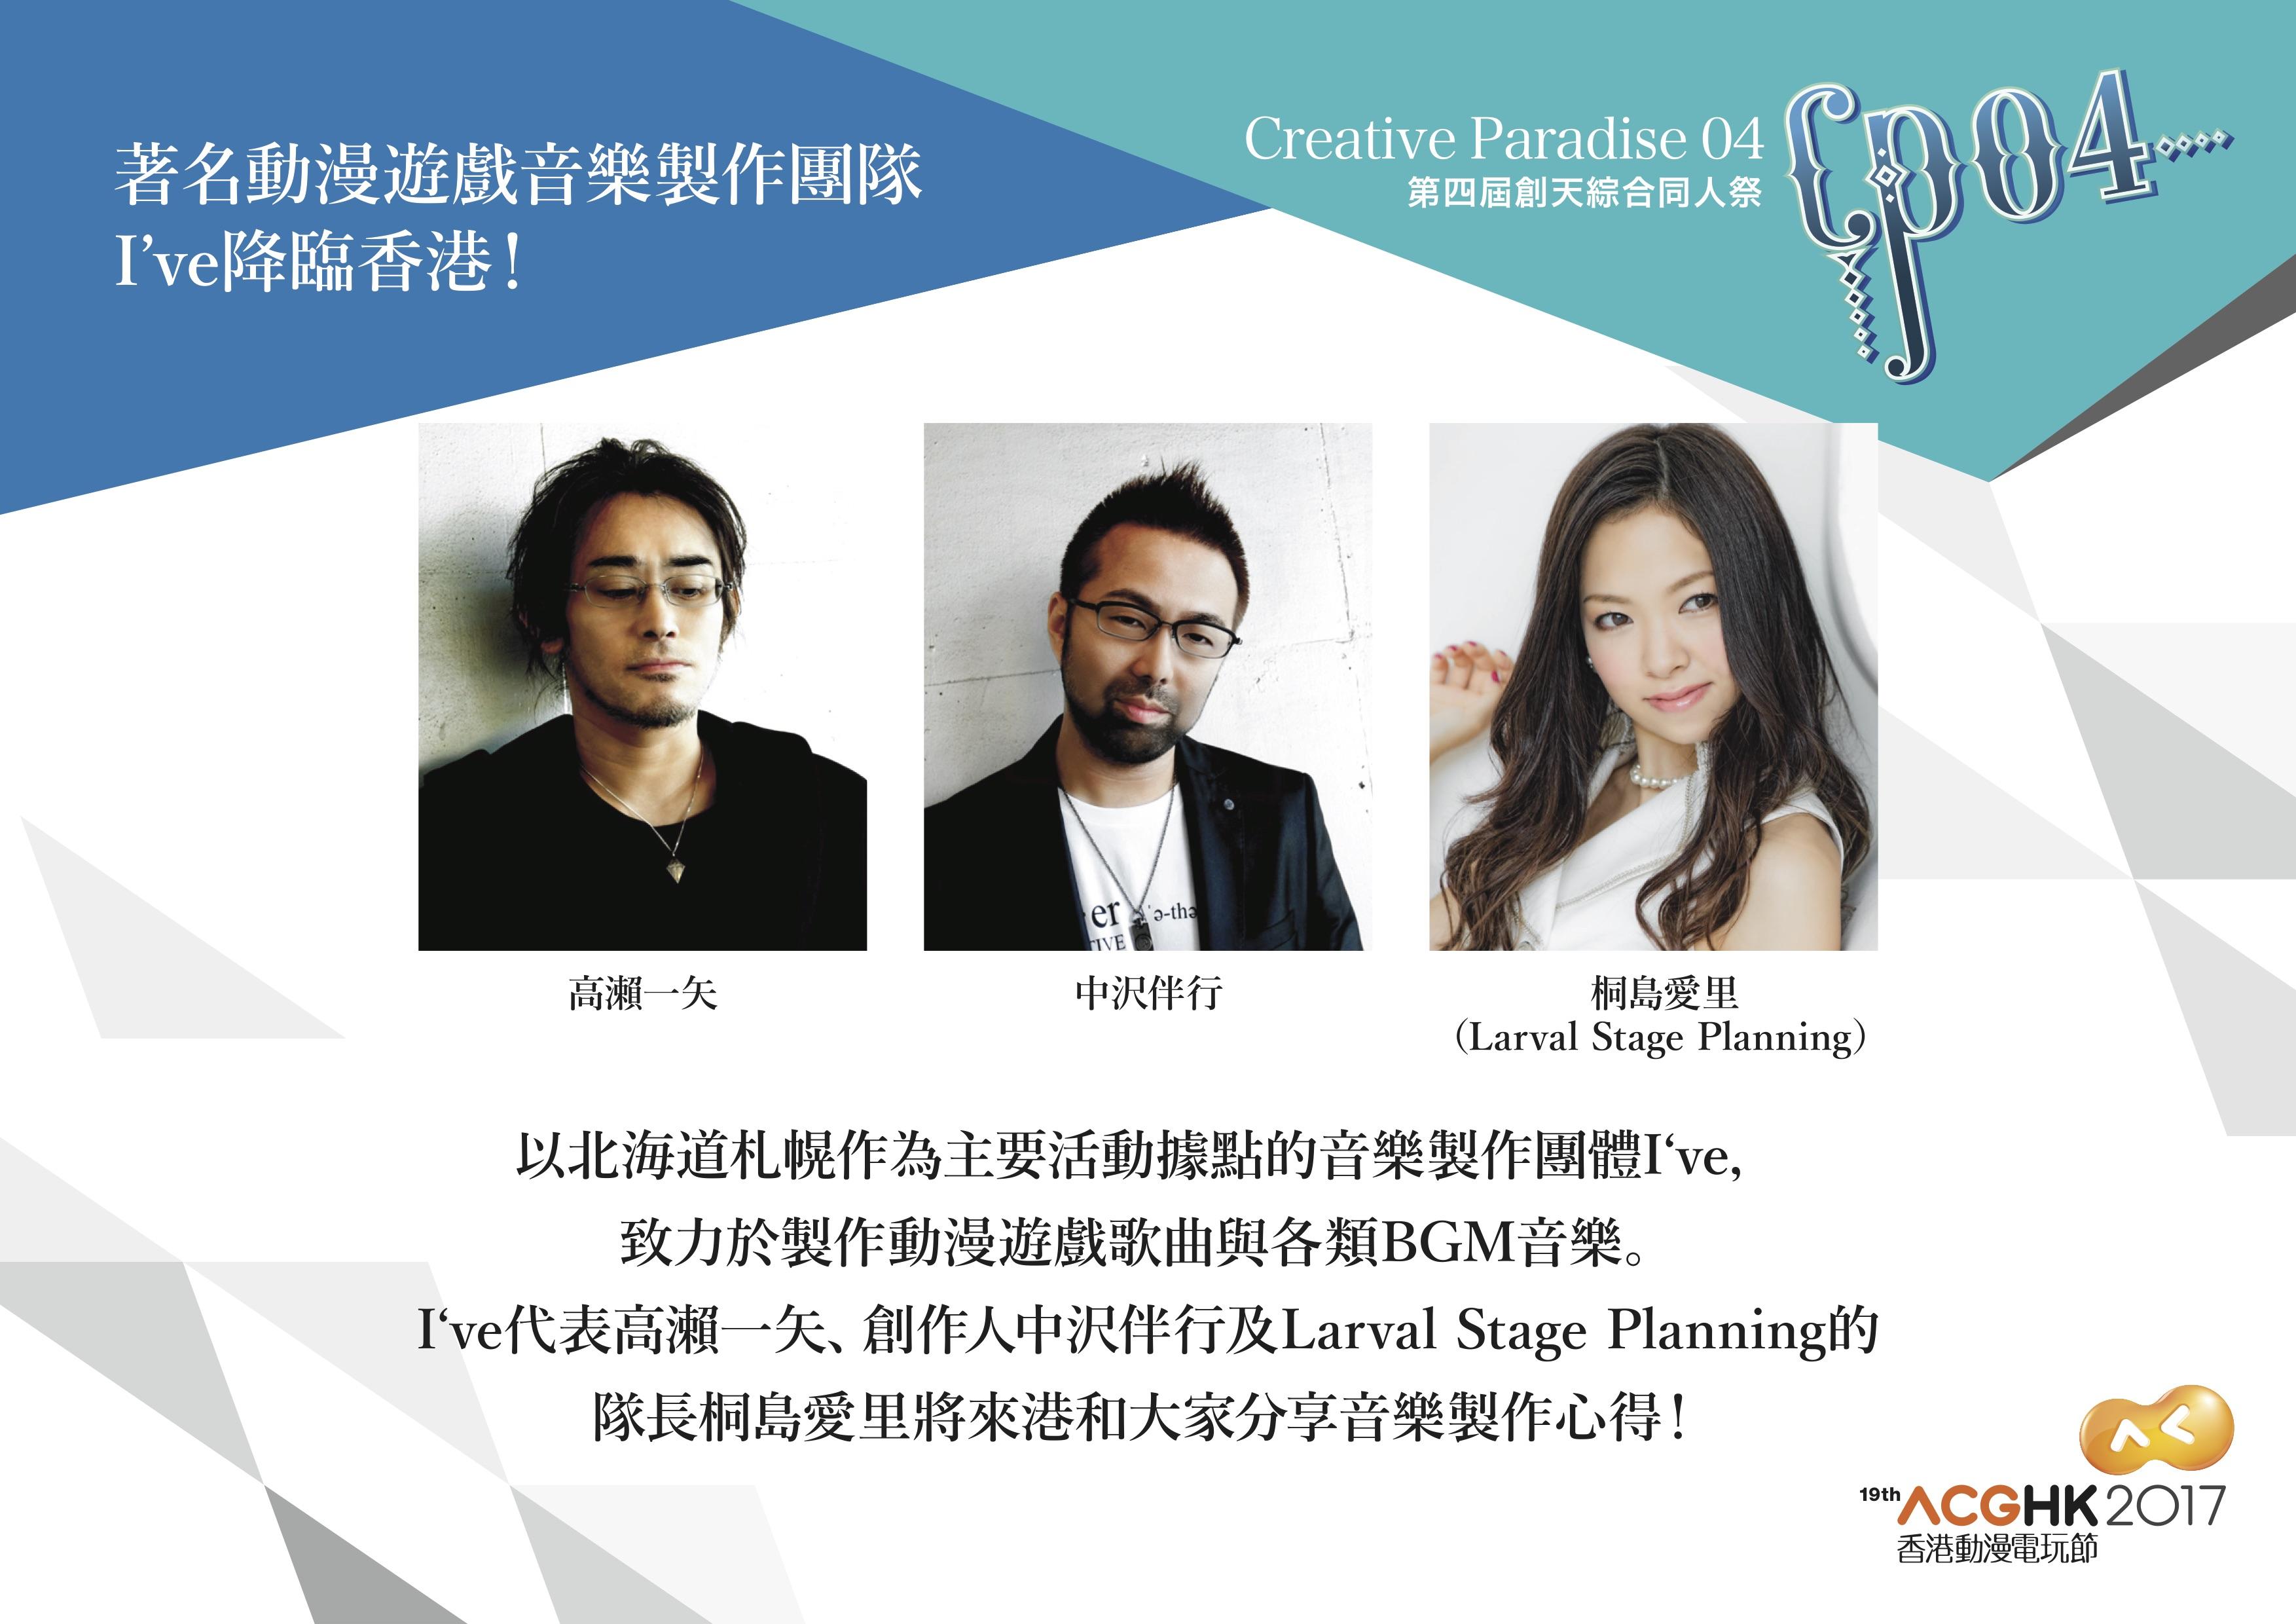 香港Creative Paradise 創天綜合同人祭